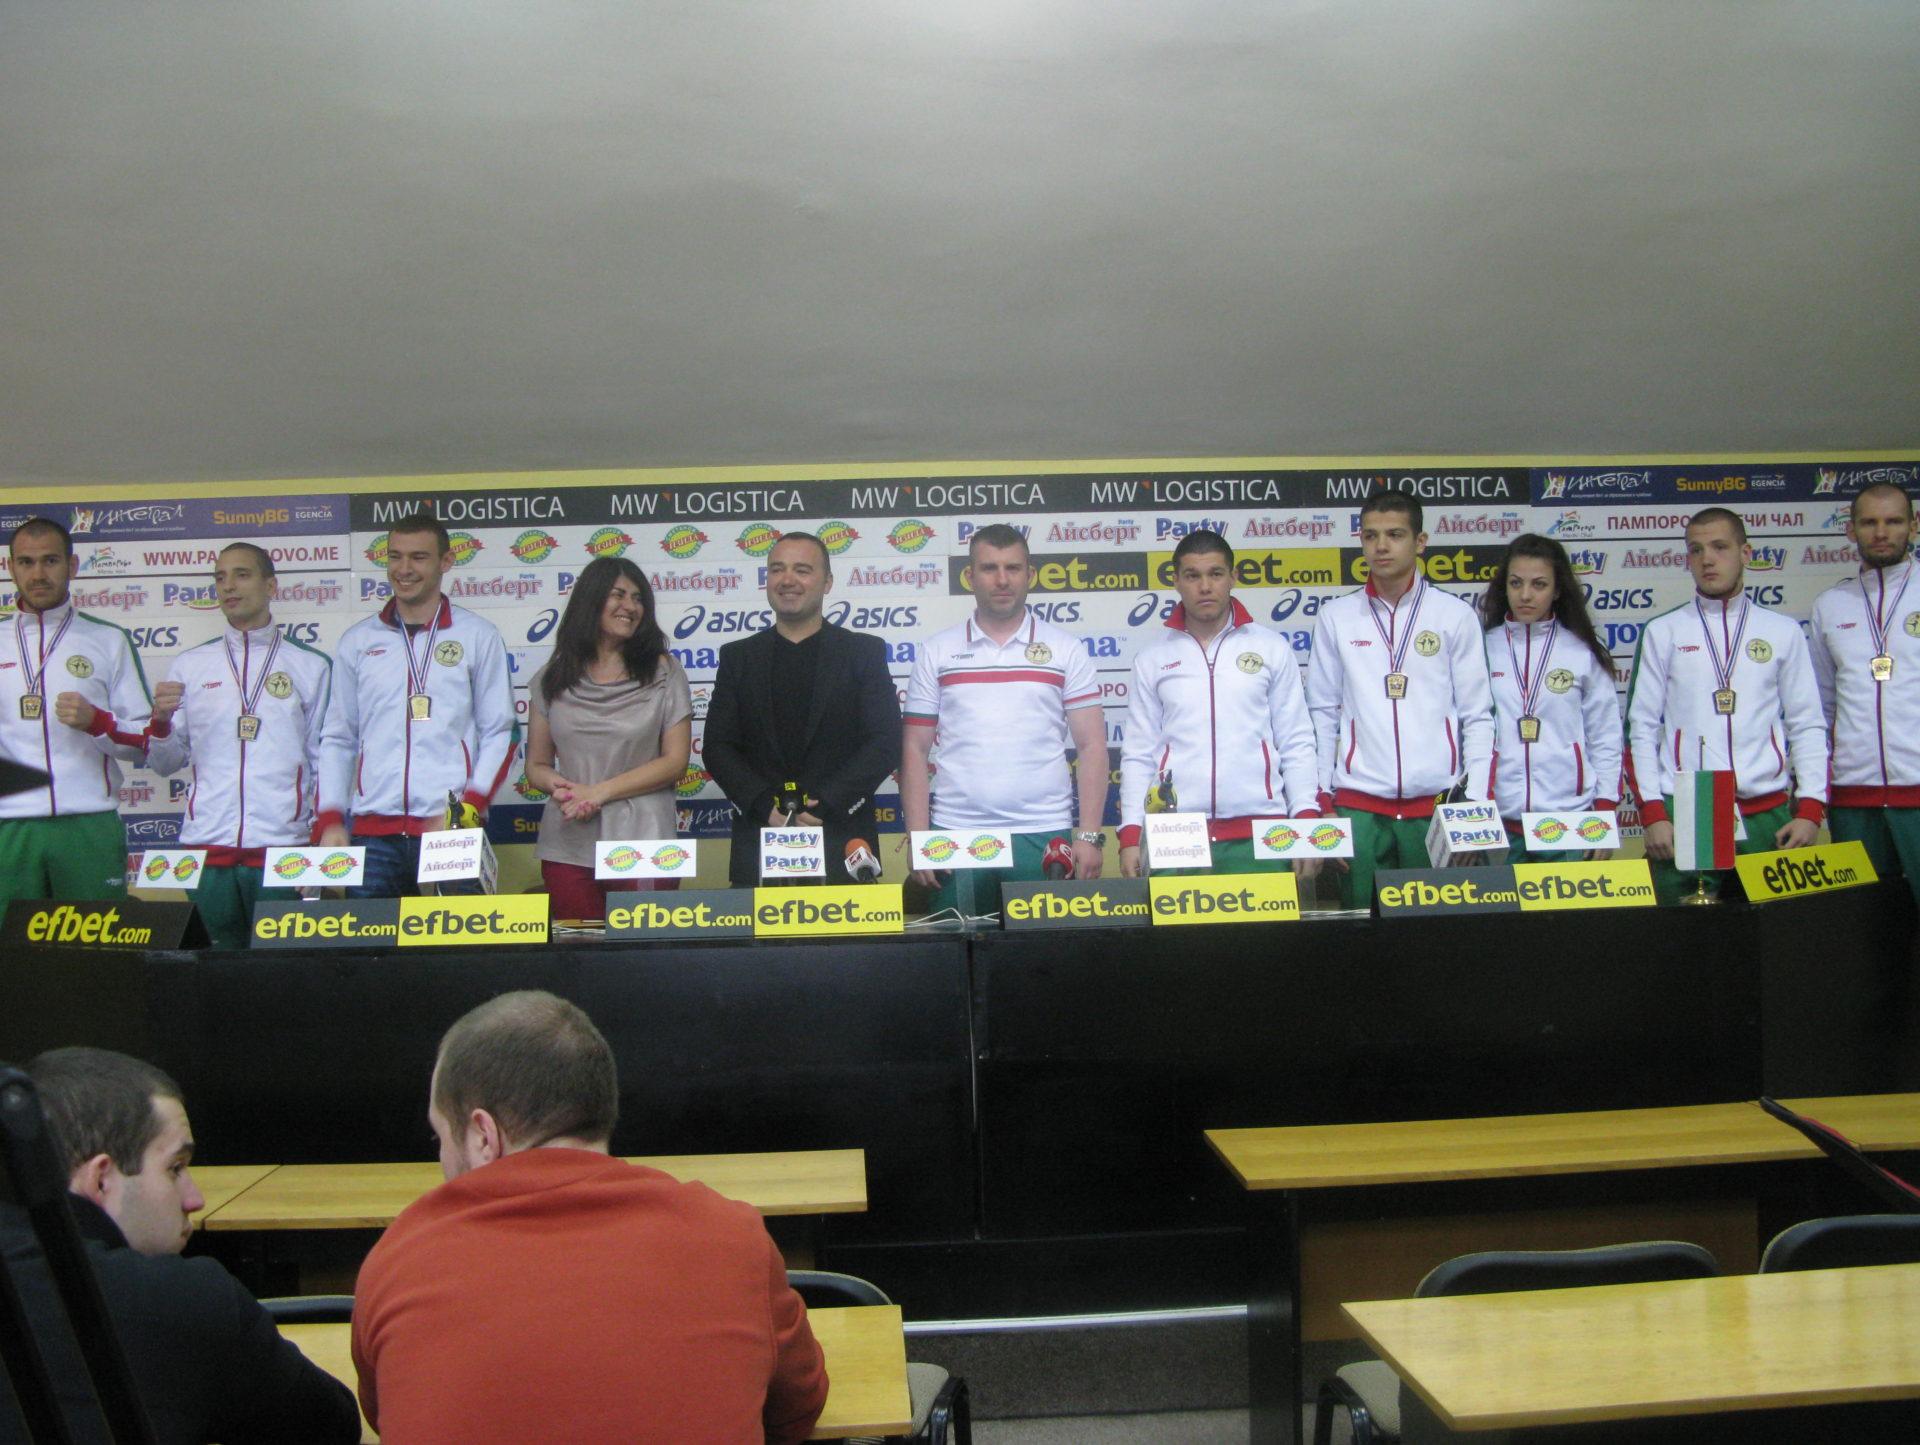 След 7-те титли за България на Световното първенство по муай тай: